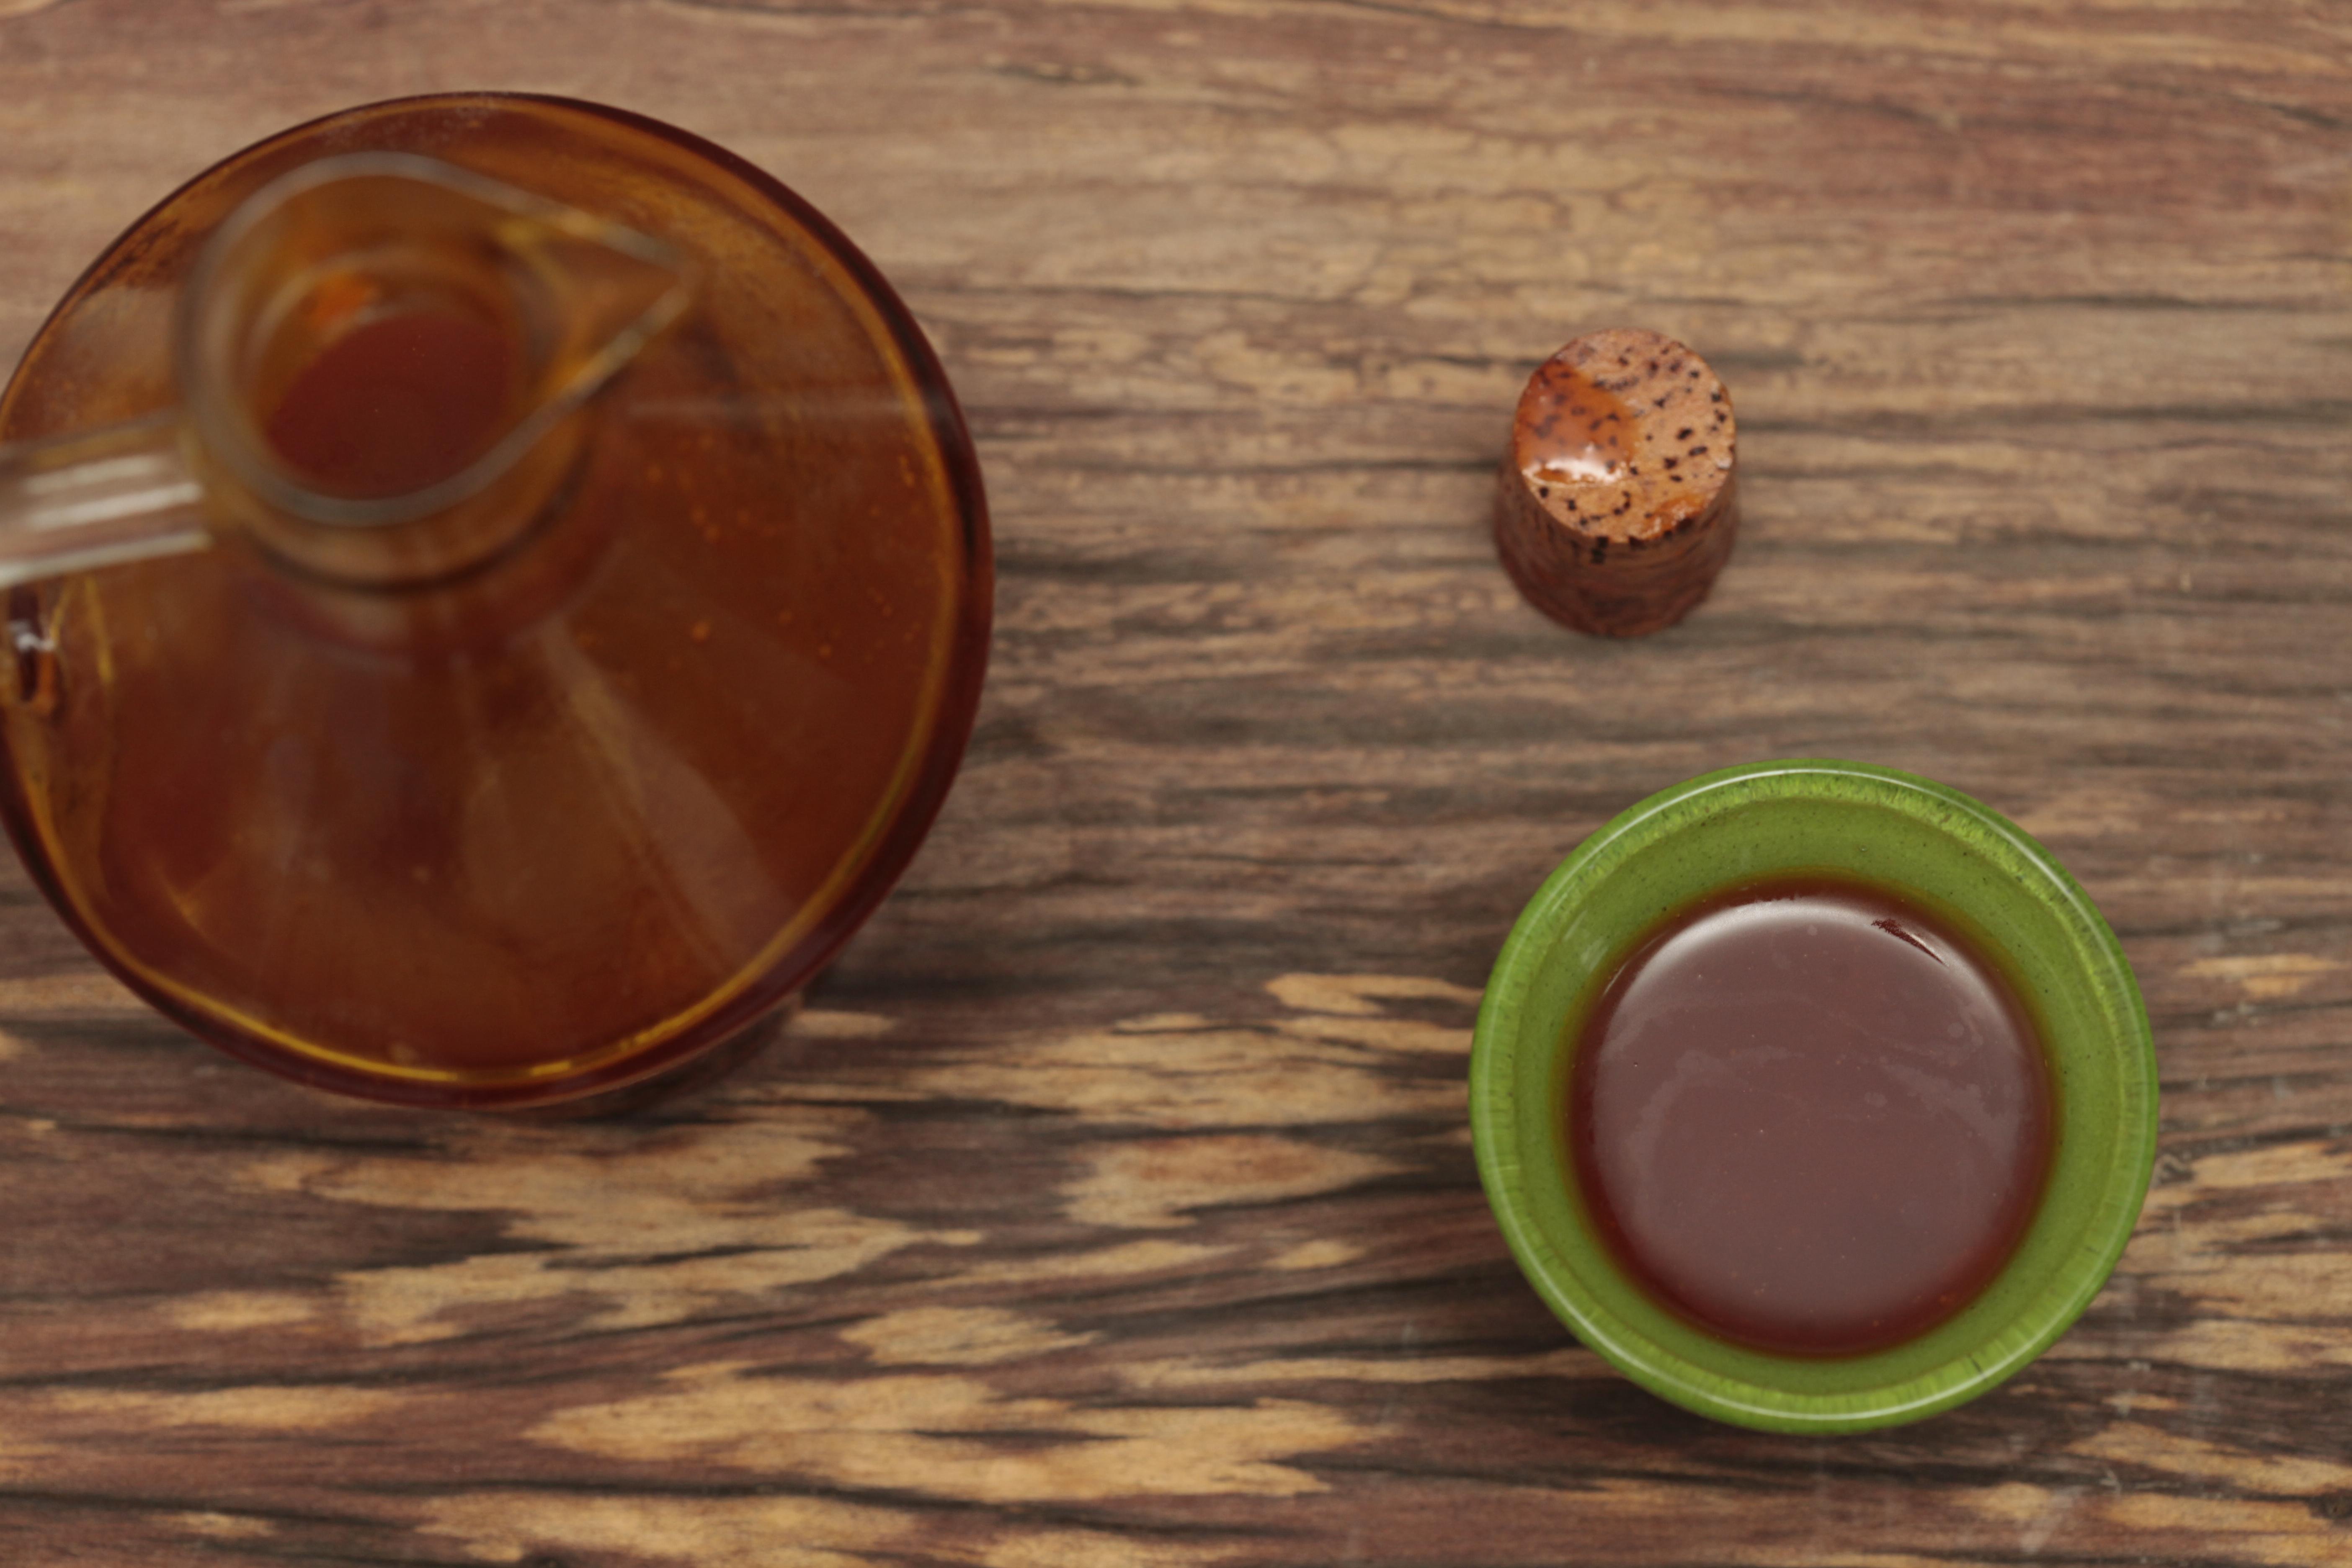 O ideal é usar o azeite de dendê cru e novo, sem muito tempo na garrafa. No final, a chef rega a panela com umas voltinhas e não ferve mais